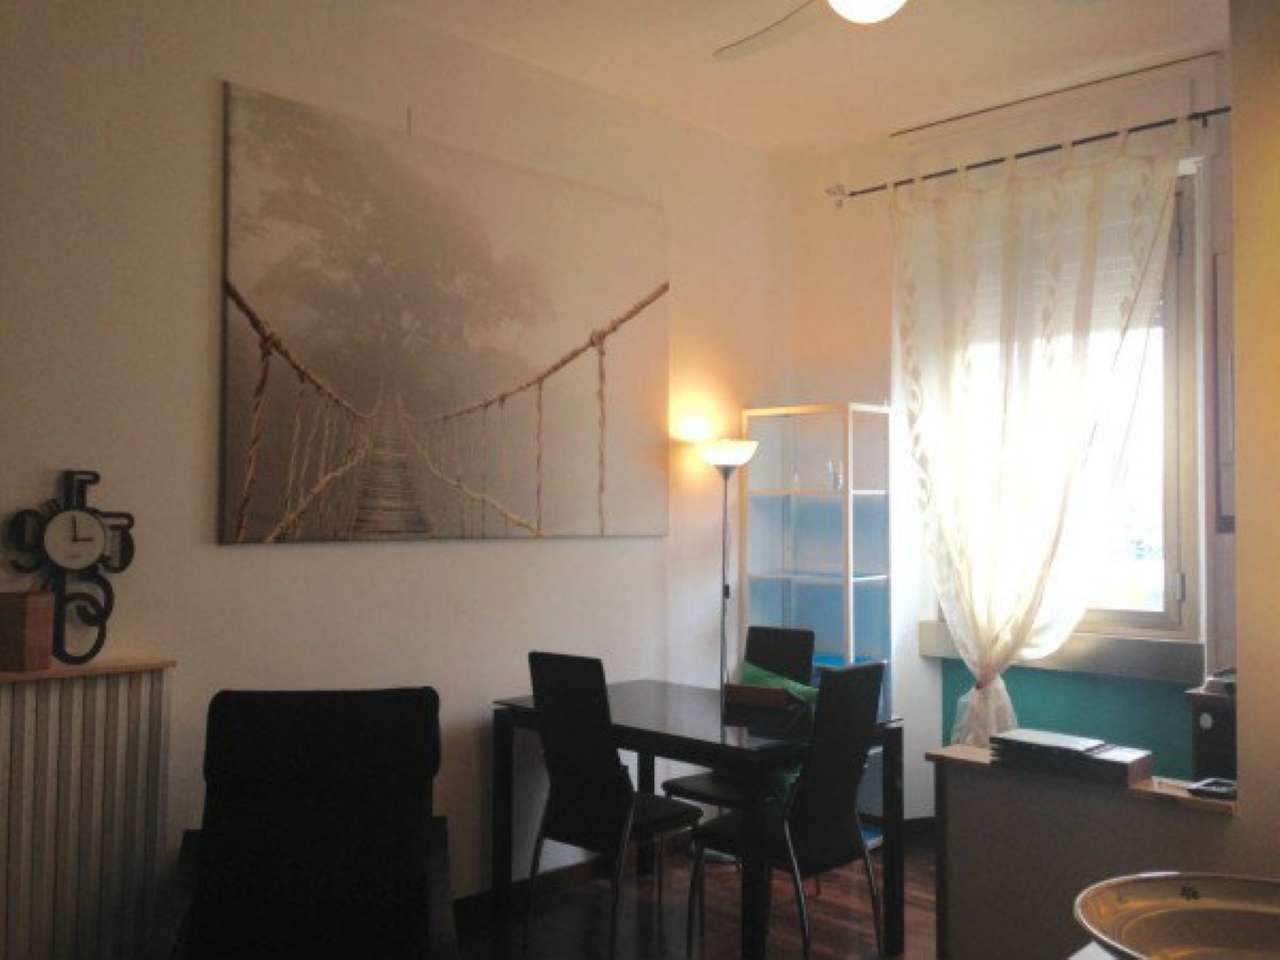 Appartamento in vendita a Milano, 2 locali, zona Zona: 15 . Fiera, Firenze, Sempione, Pagano, Amendola, Paolo Sarpi, Arena, prezzo € 190.000 | Cambio Casa.it